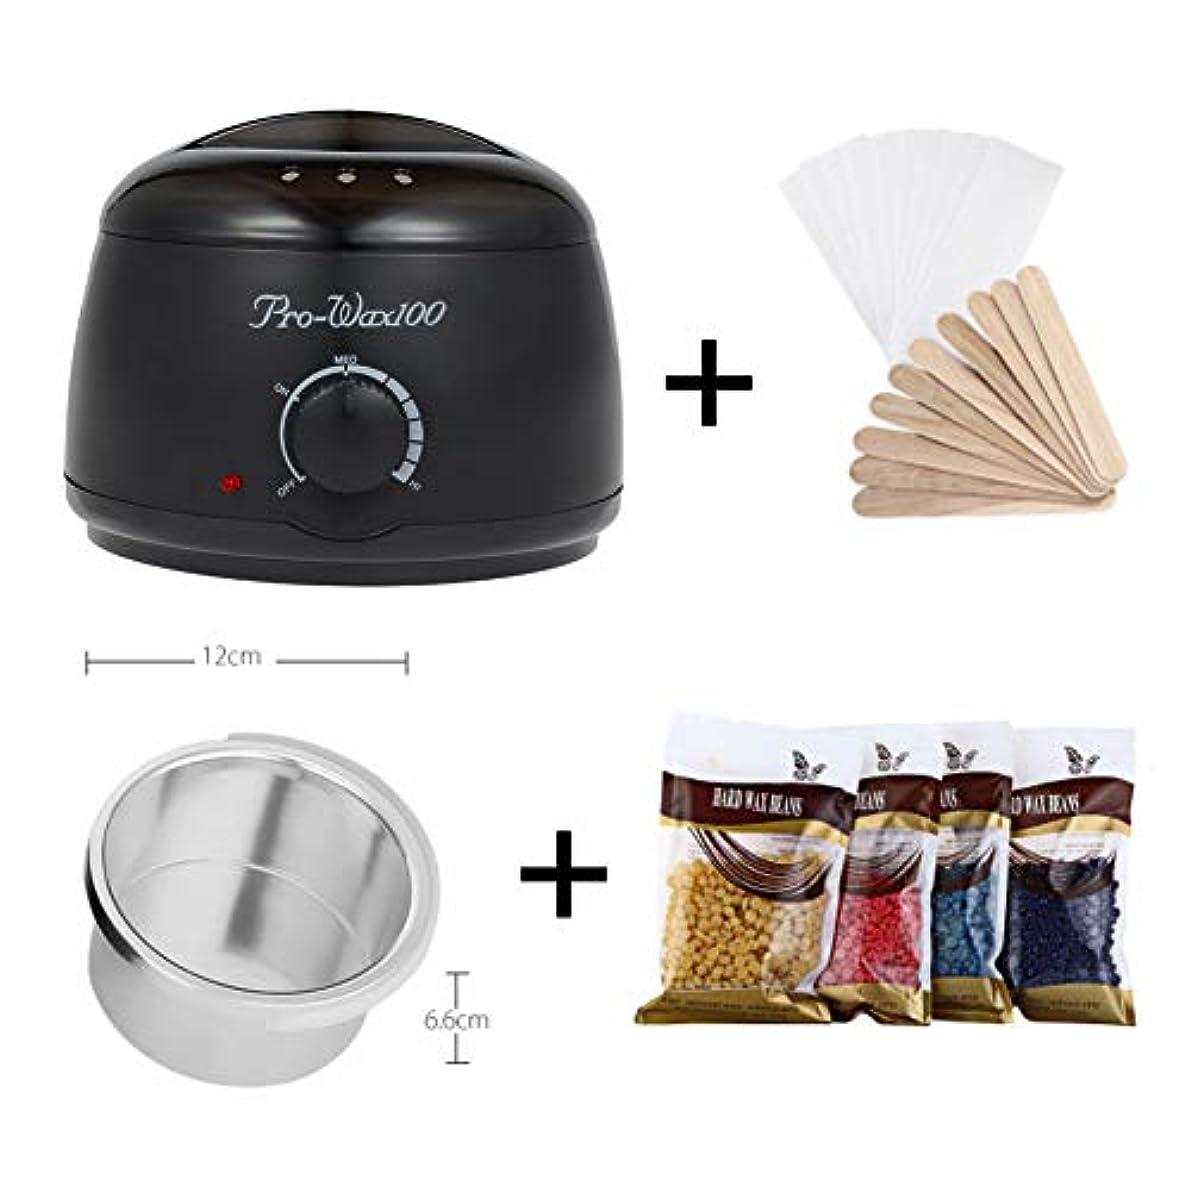 ナインへ打ち上げるマーカーProfessional Mini Wax Heater Hair Removal Tool Epilator Wax Warmer Hand Epilator Wax Machine with Temperature...